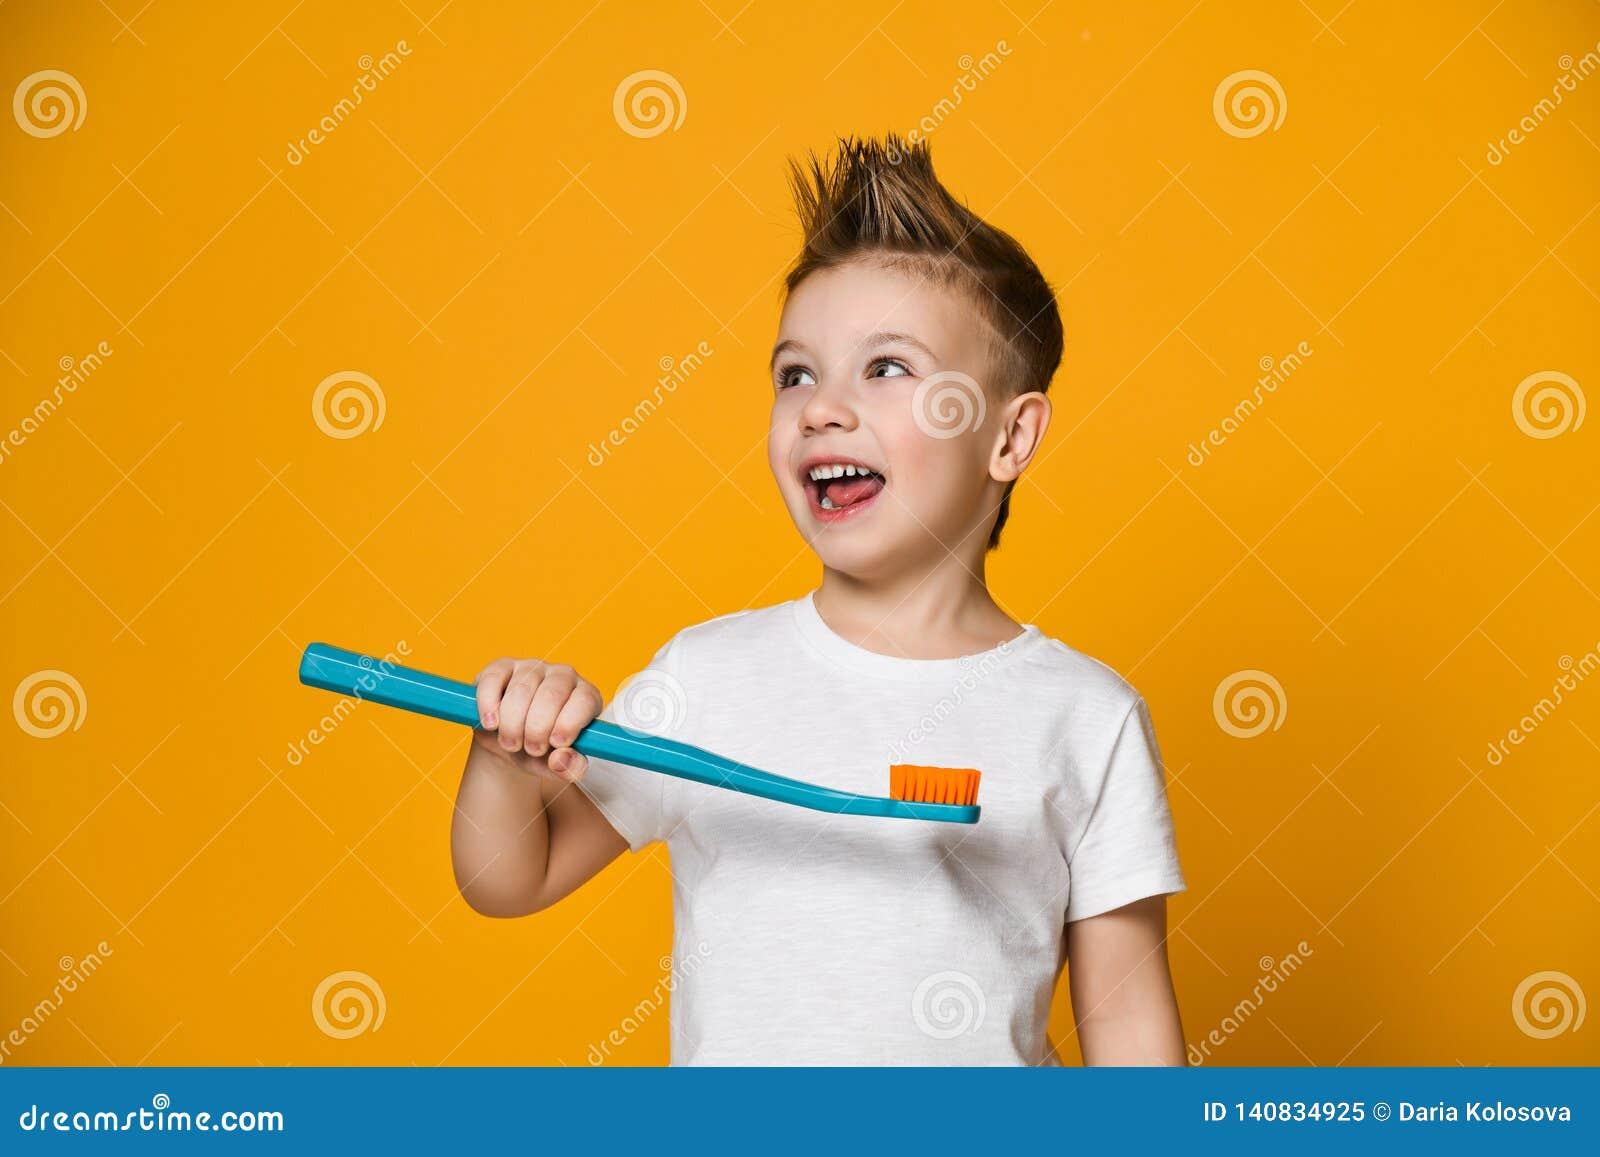 Retrato de um rapaz pequeno que guarda uma escova de dentes sobre o fundo amarelo